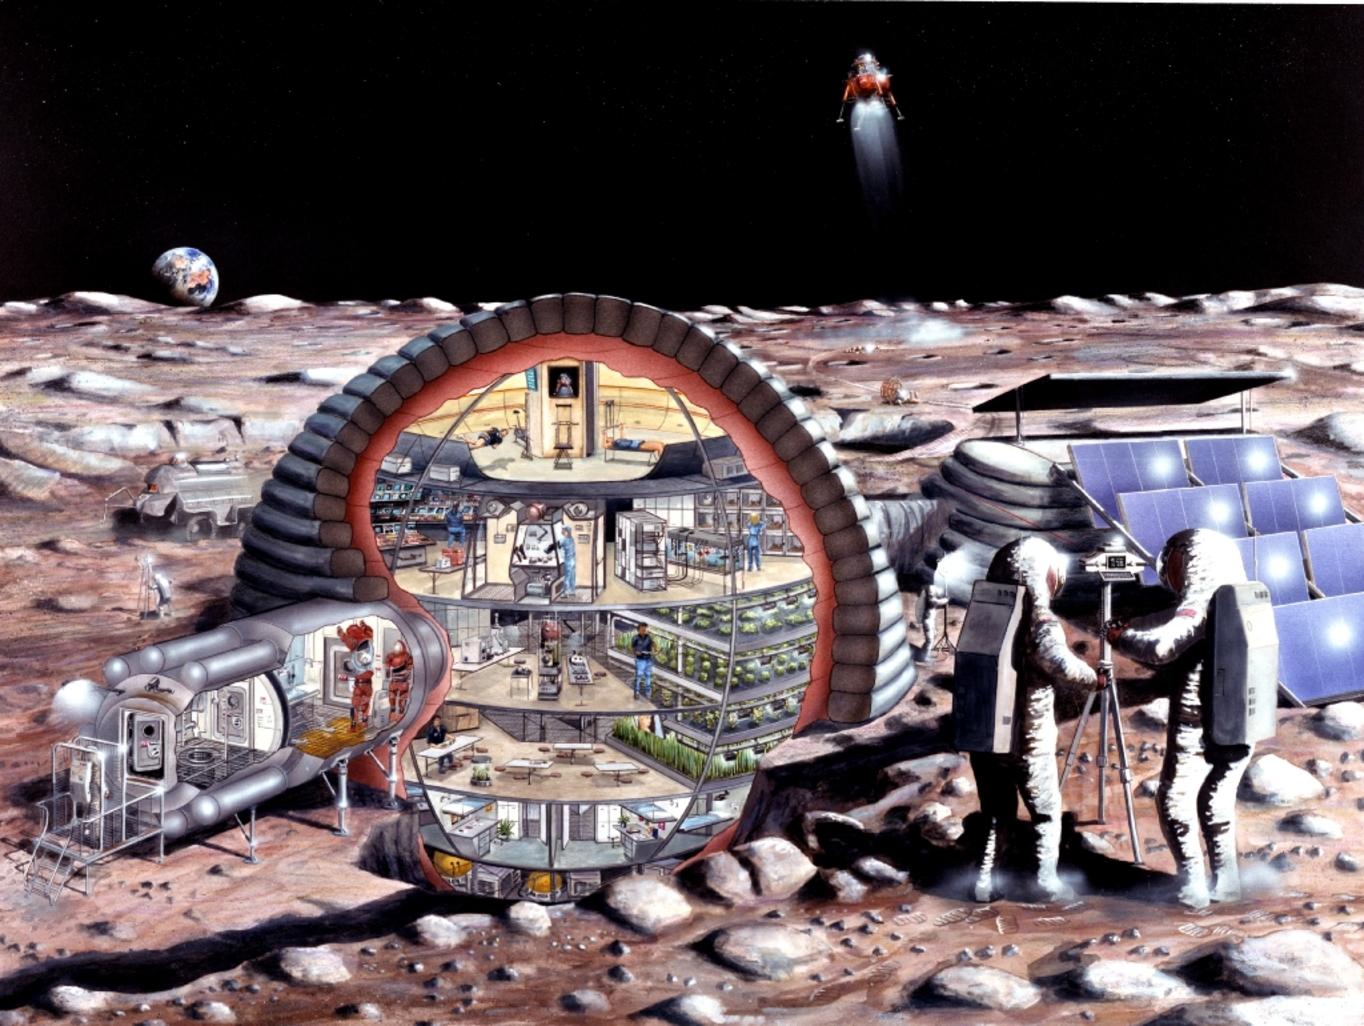 inflatable spacecraft habitat -#main